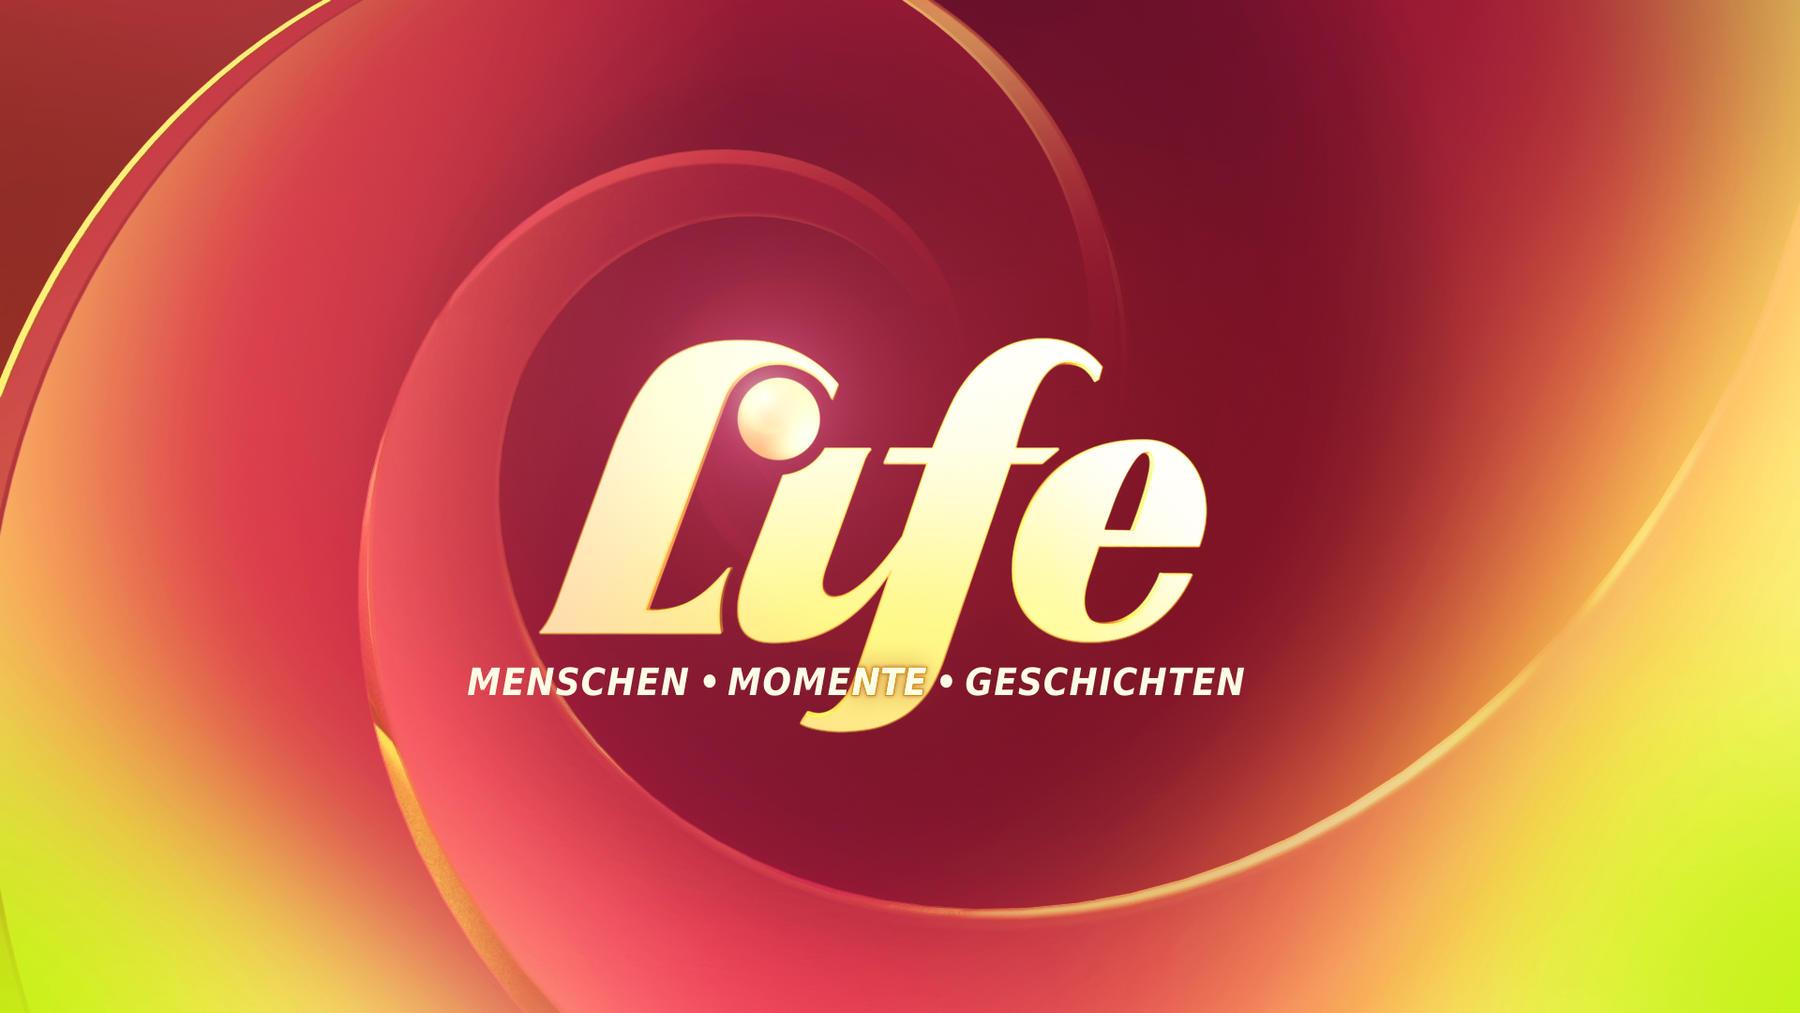 Life - Menschen, Momente, Geschichten